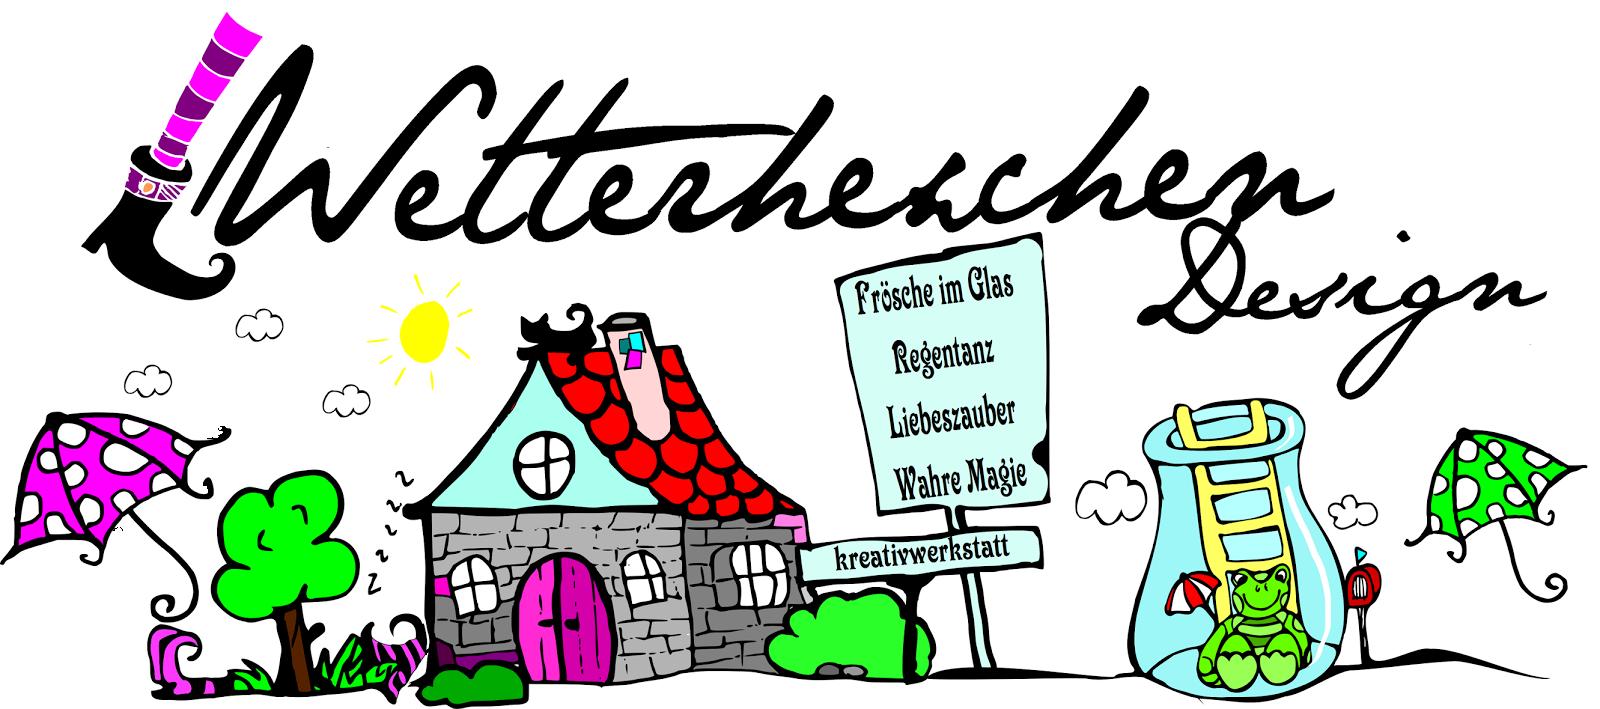 http://wetterhexchen.blogspot.de/2014/08/bald-wird-das-groe-geheimnis-geluftet.html#comment-form